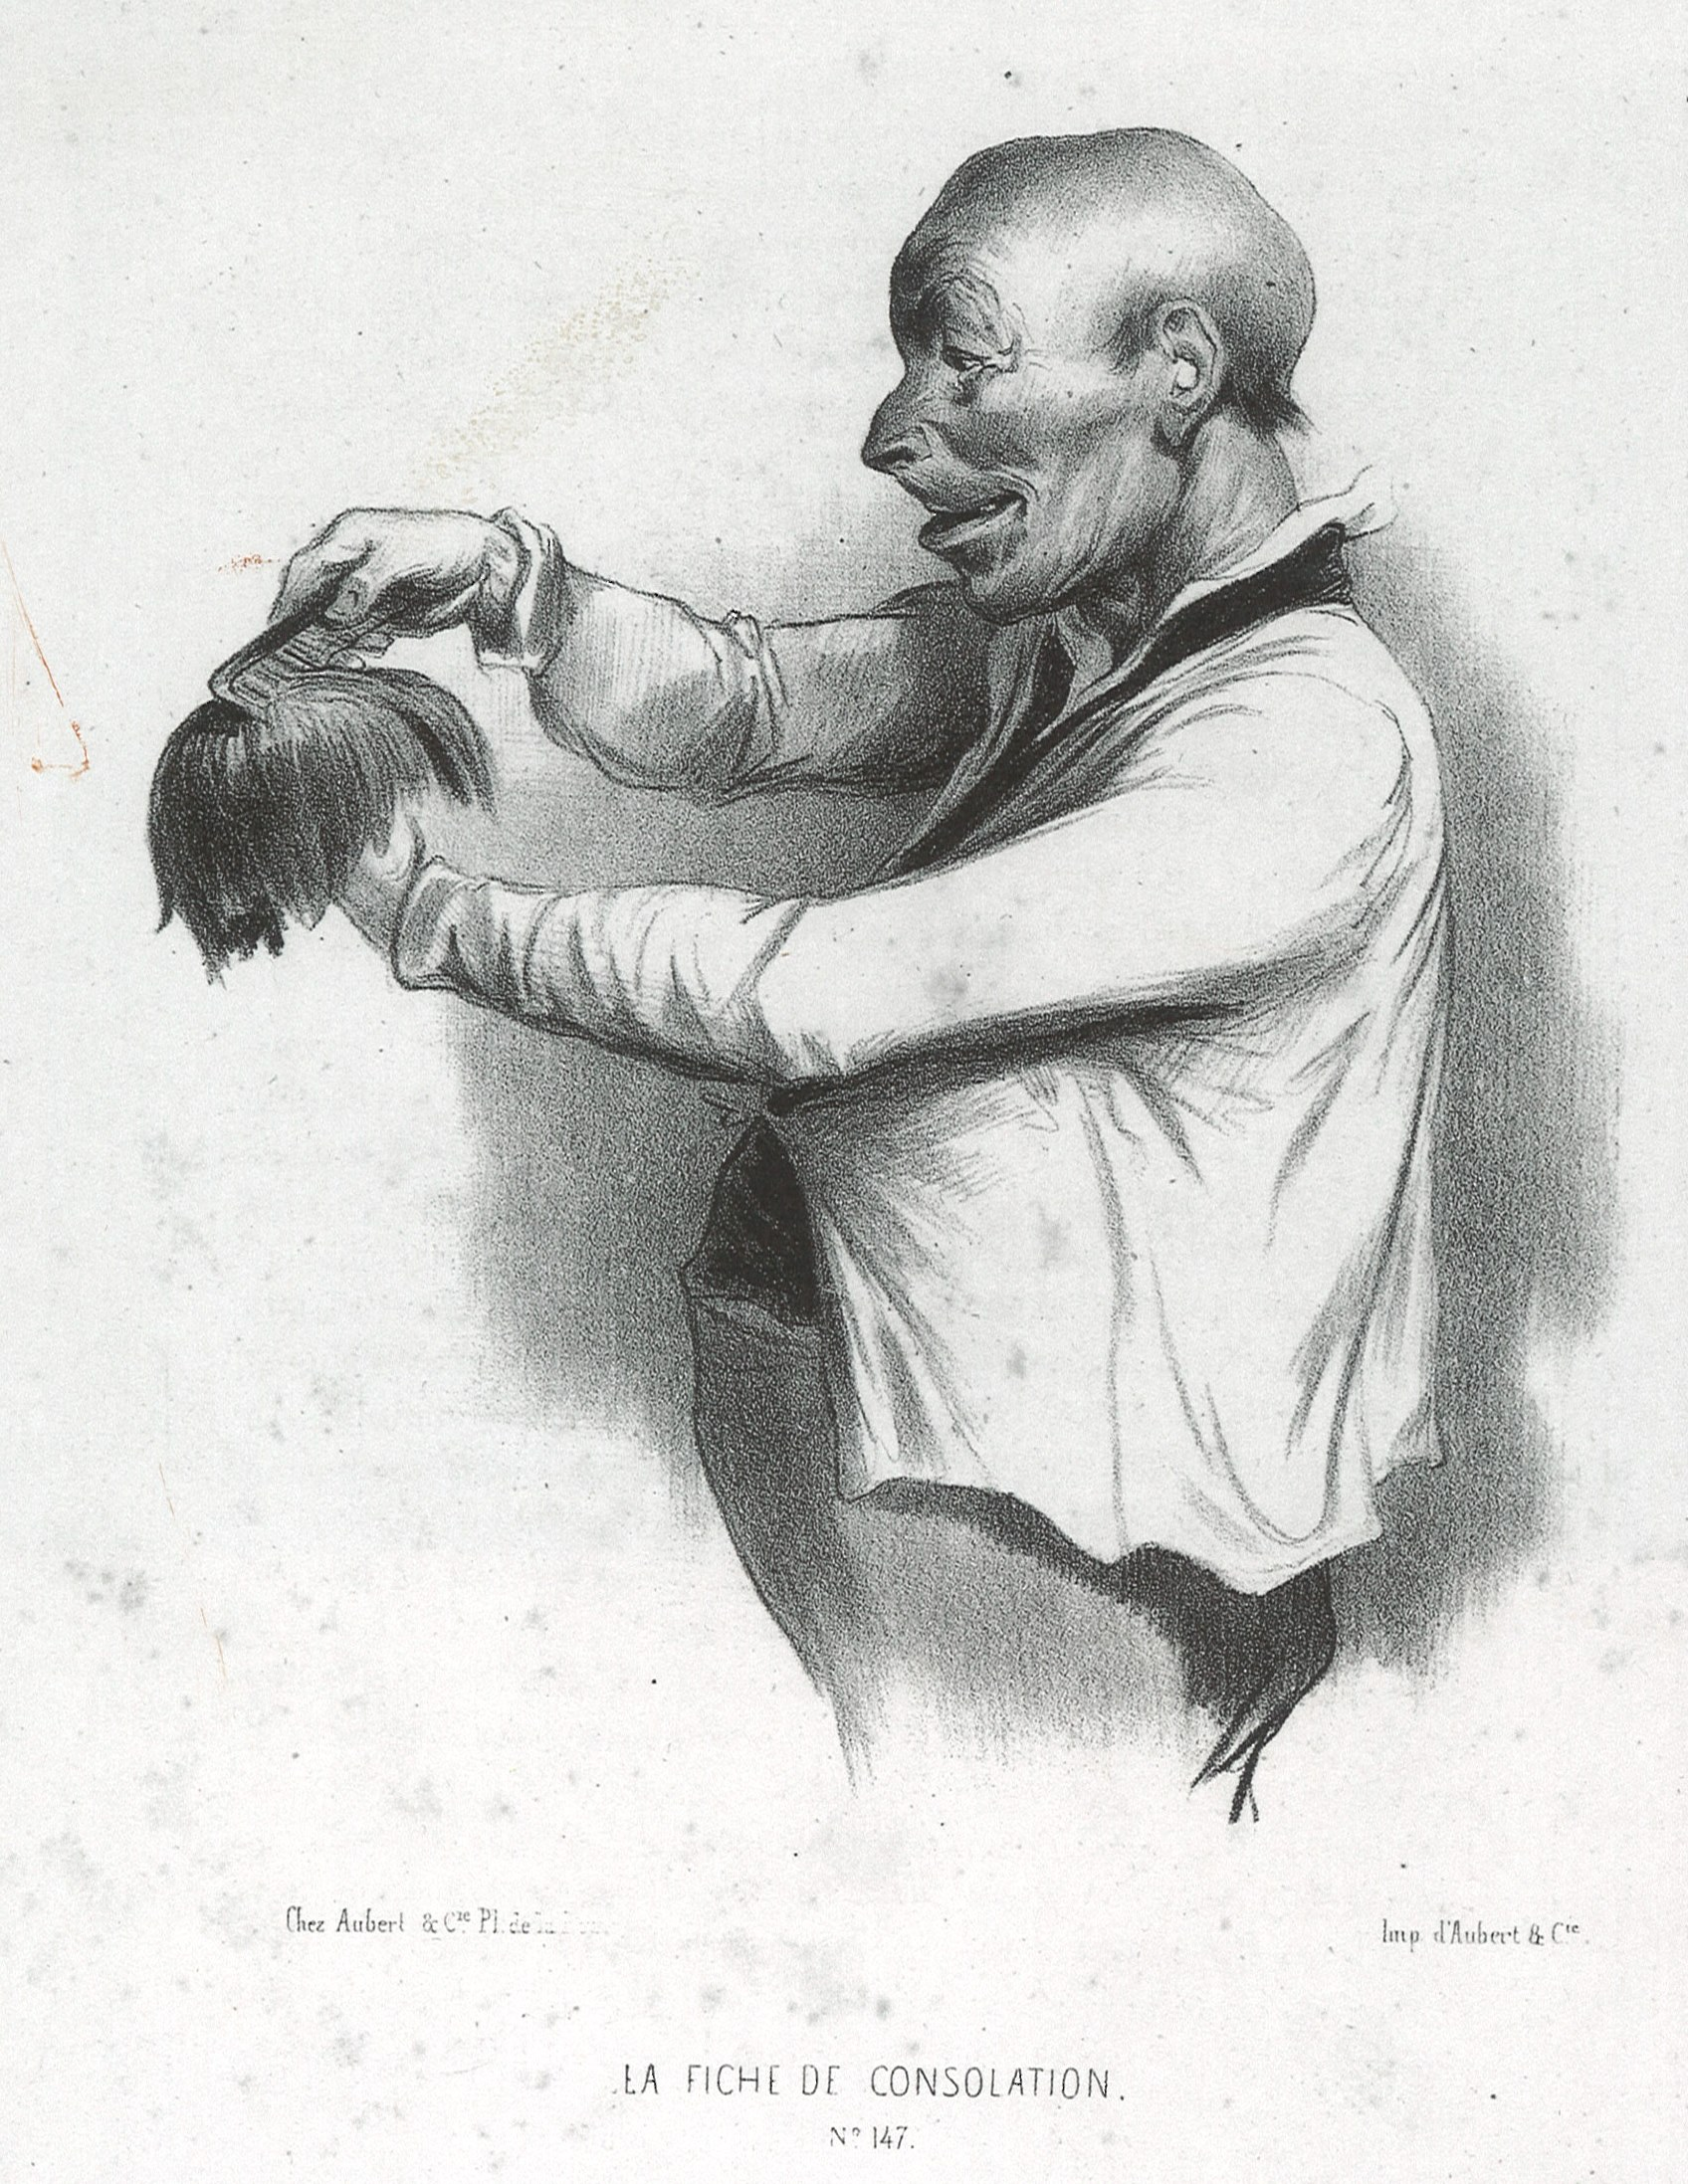 Gallery: Honoré Daumier and Paula Rego - a conversation